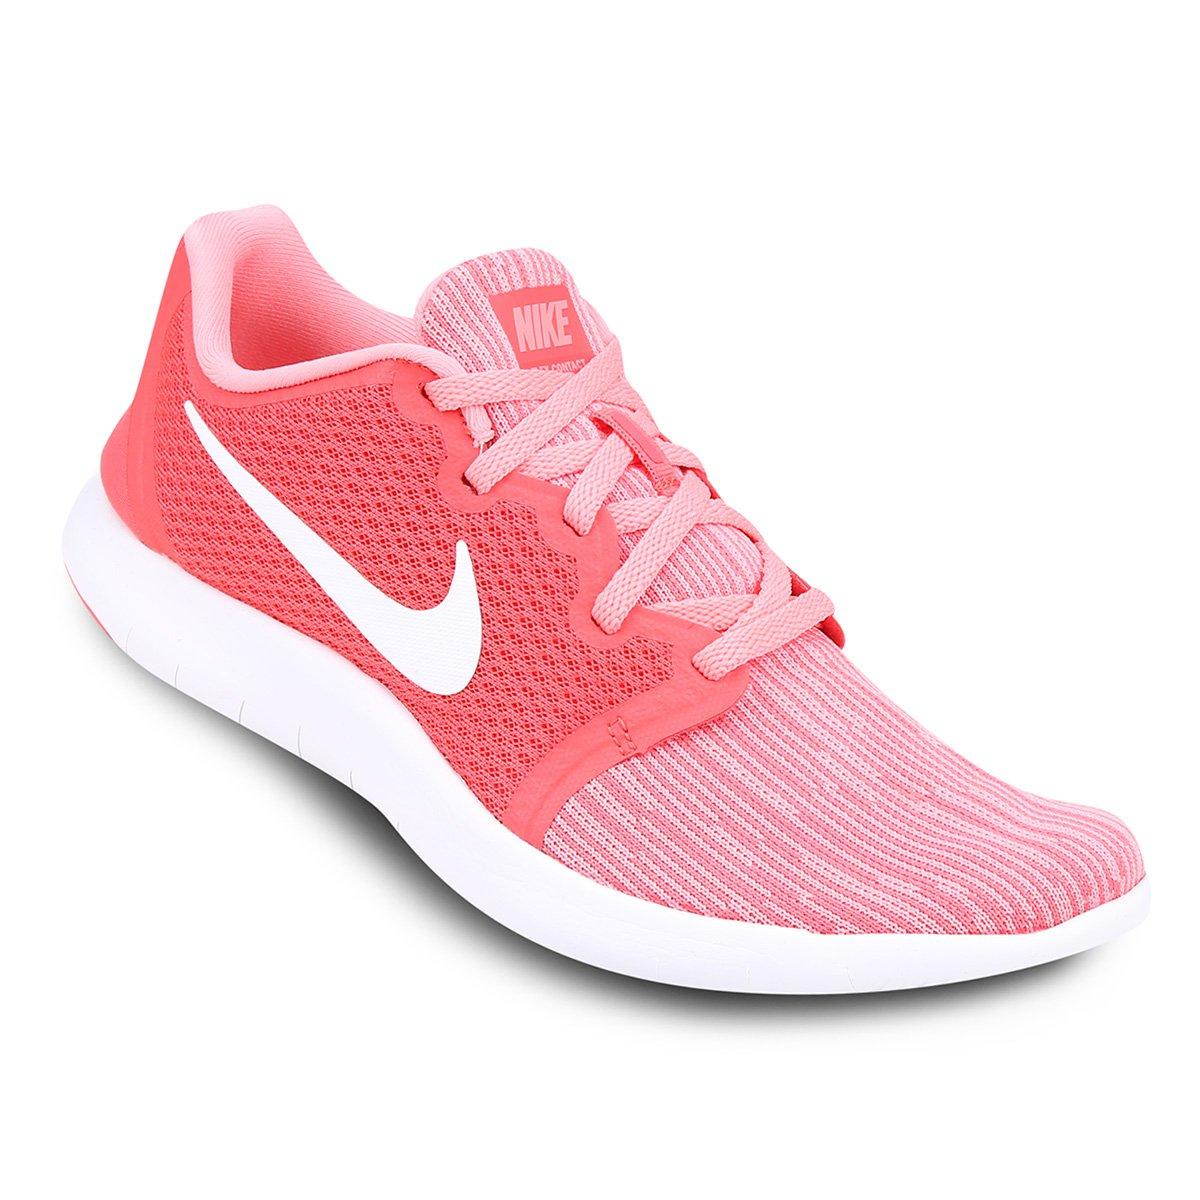 54e334a9e Tênis Nike Flex Contact 2 Feminino - Rosa e Branco | Loja do Inter